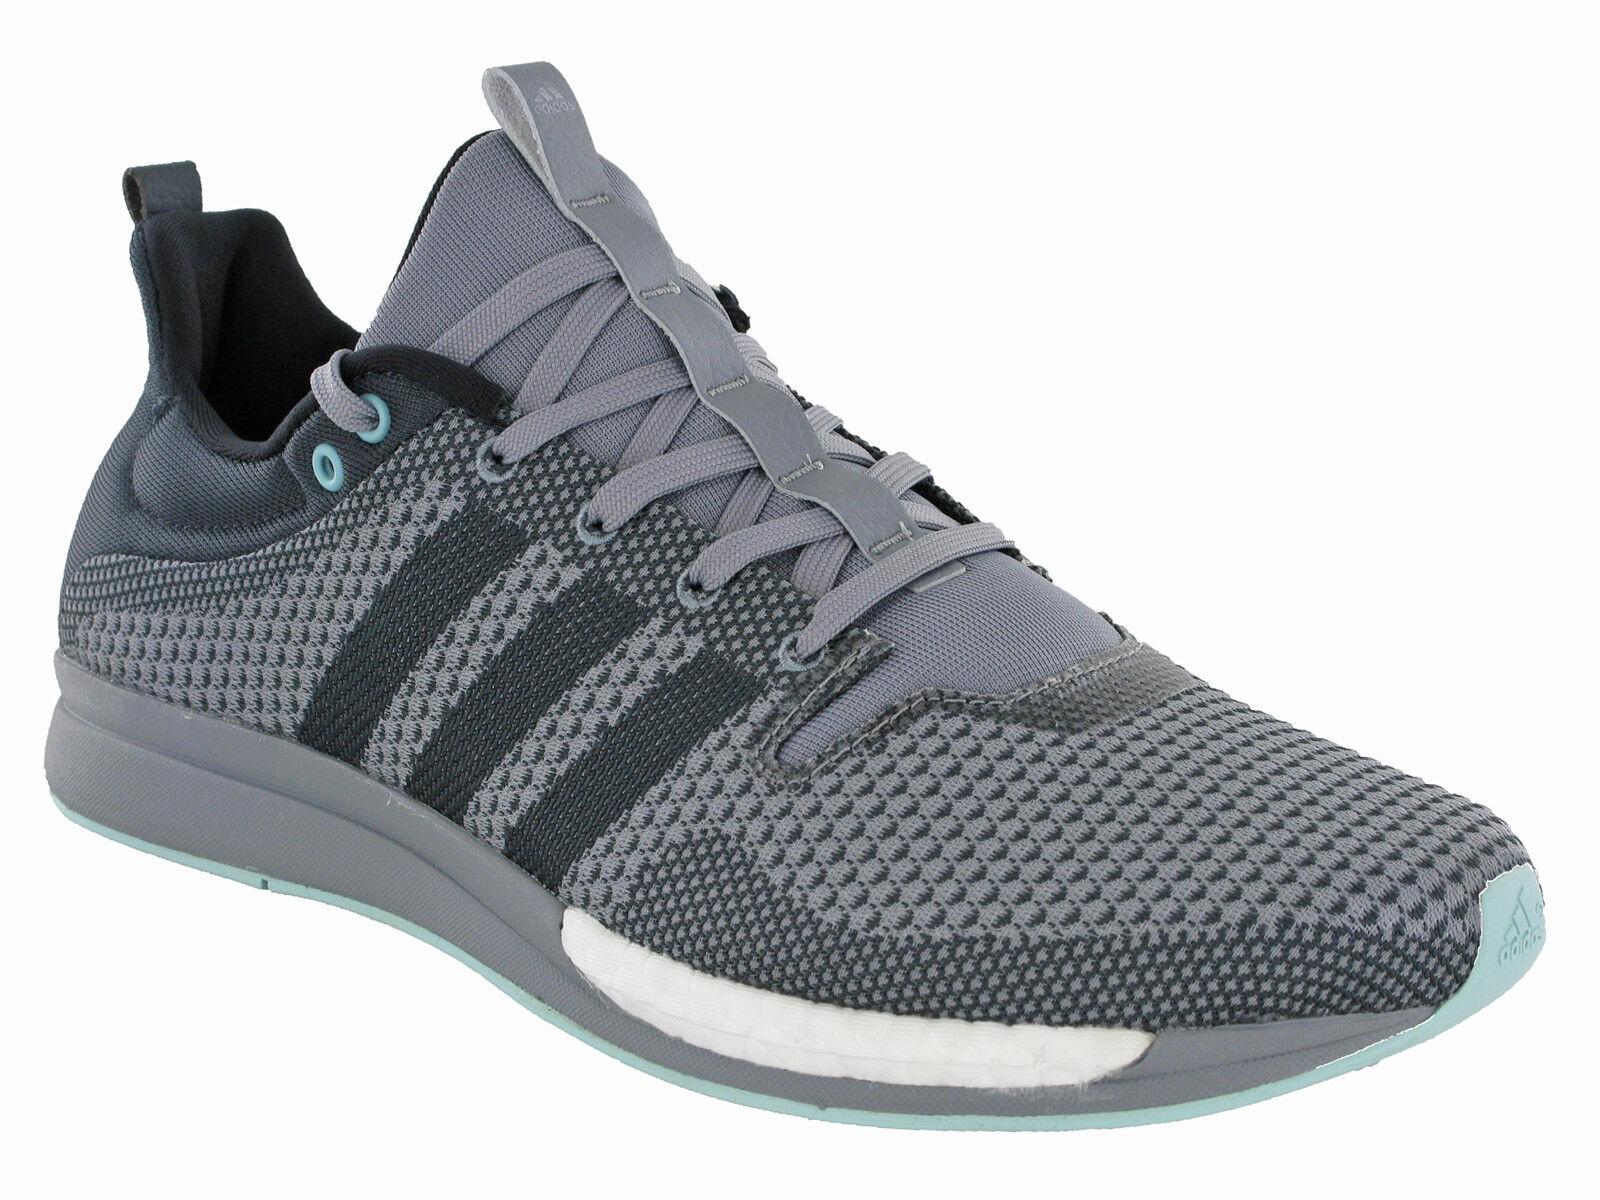 Adidas Adizero Feather Zapatillas Running Ligero Malla Deportes Hombres gris AQ5094